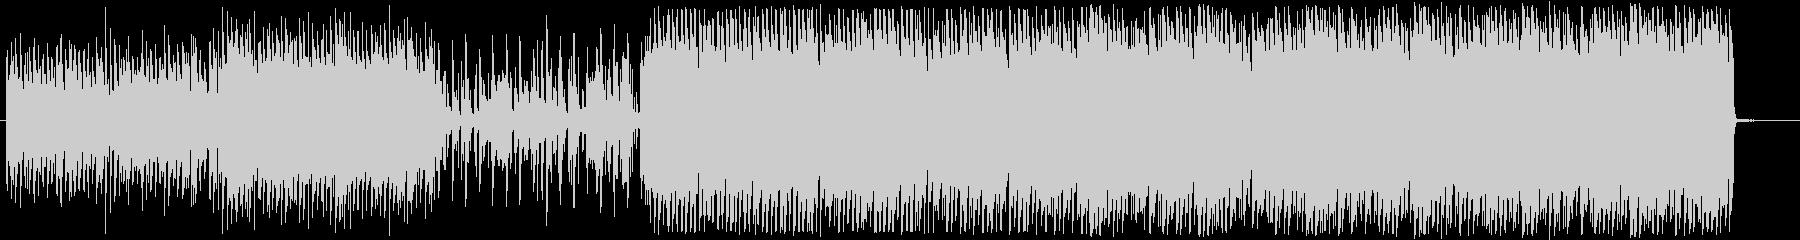 ピコピコ系のゲームの森の曲っぽいの未再生の波形